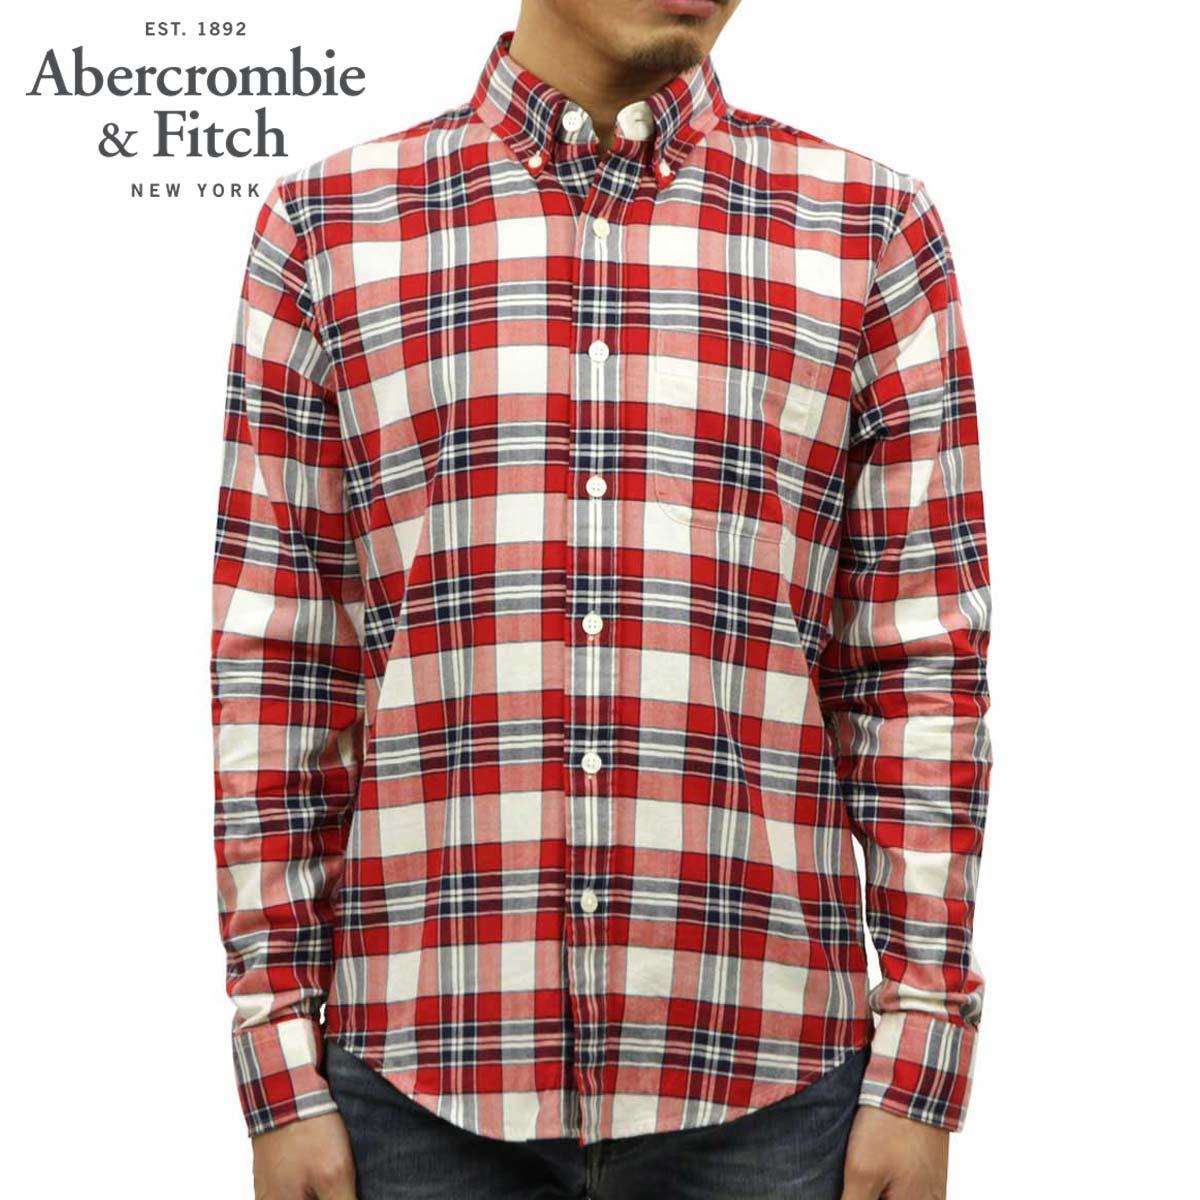 アバクロ Abercrombie&Fitch 正規品 メンズ 長袖シャツ Plaid Herringbone Button-Up Shirt 125-168-2374-509 D00S20